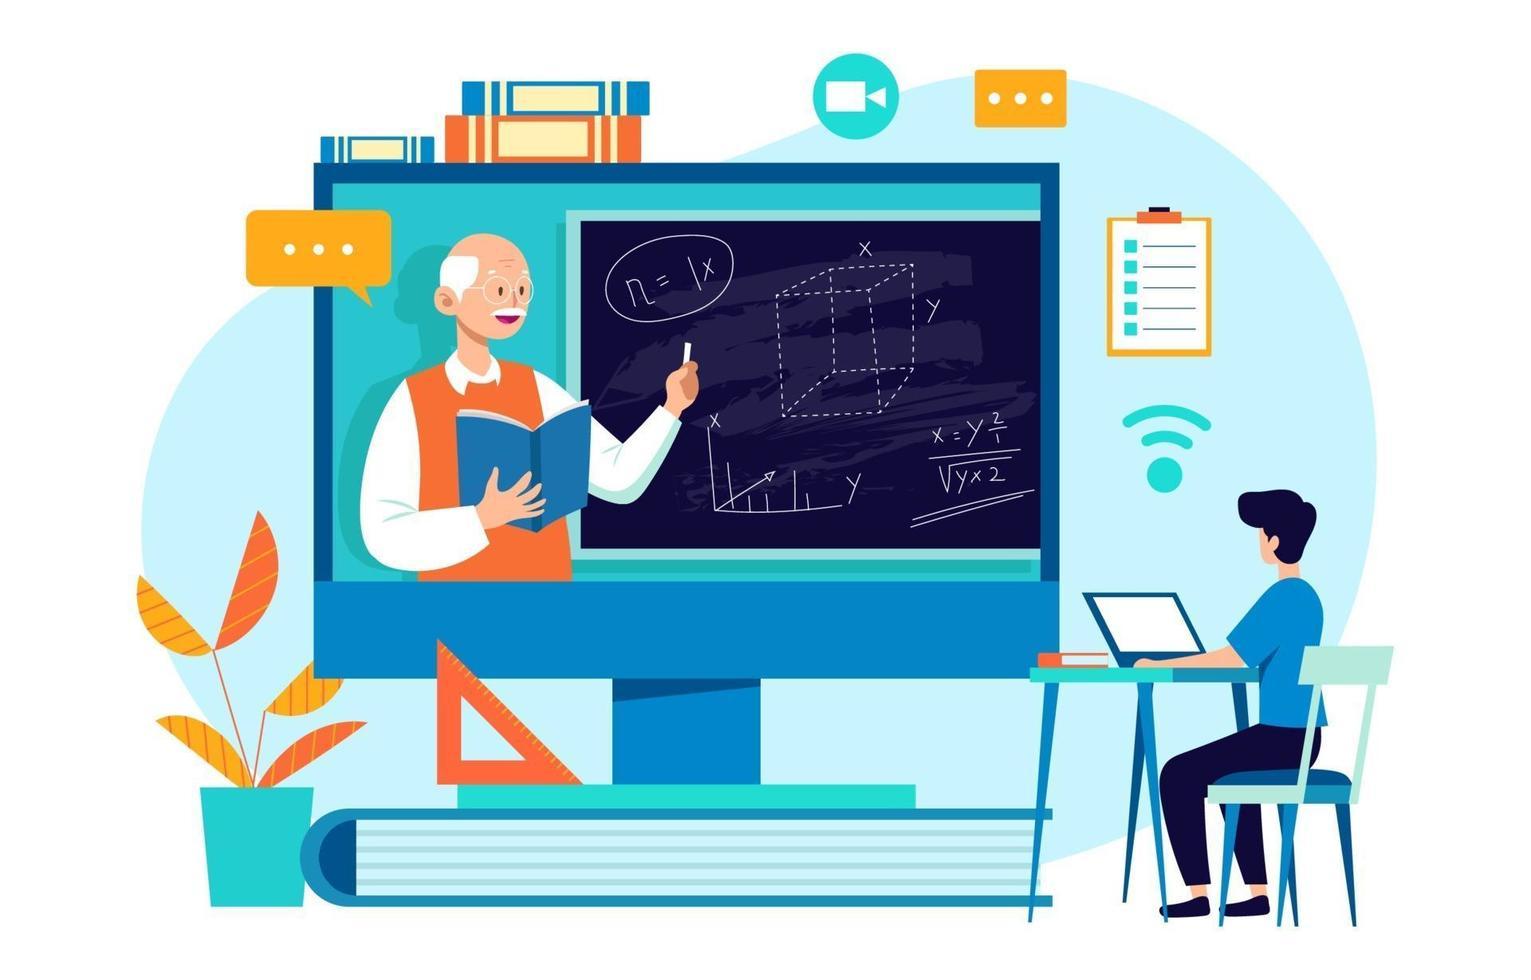 Online-Bildung zu Hause Schule vektor